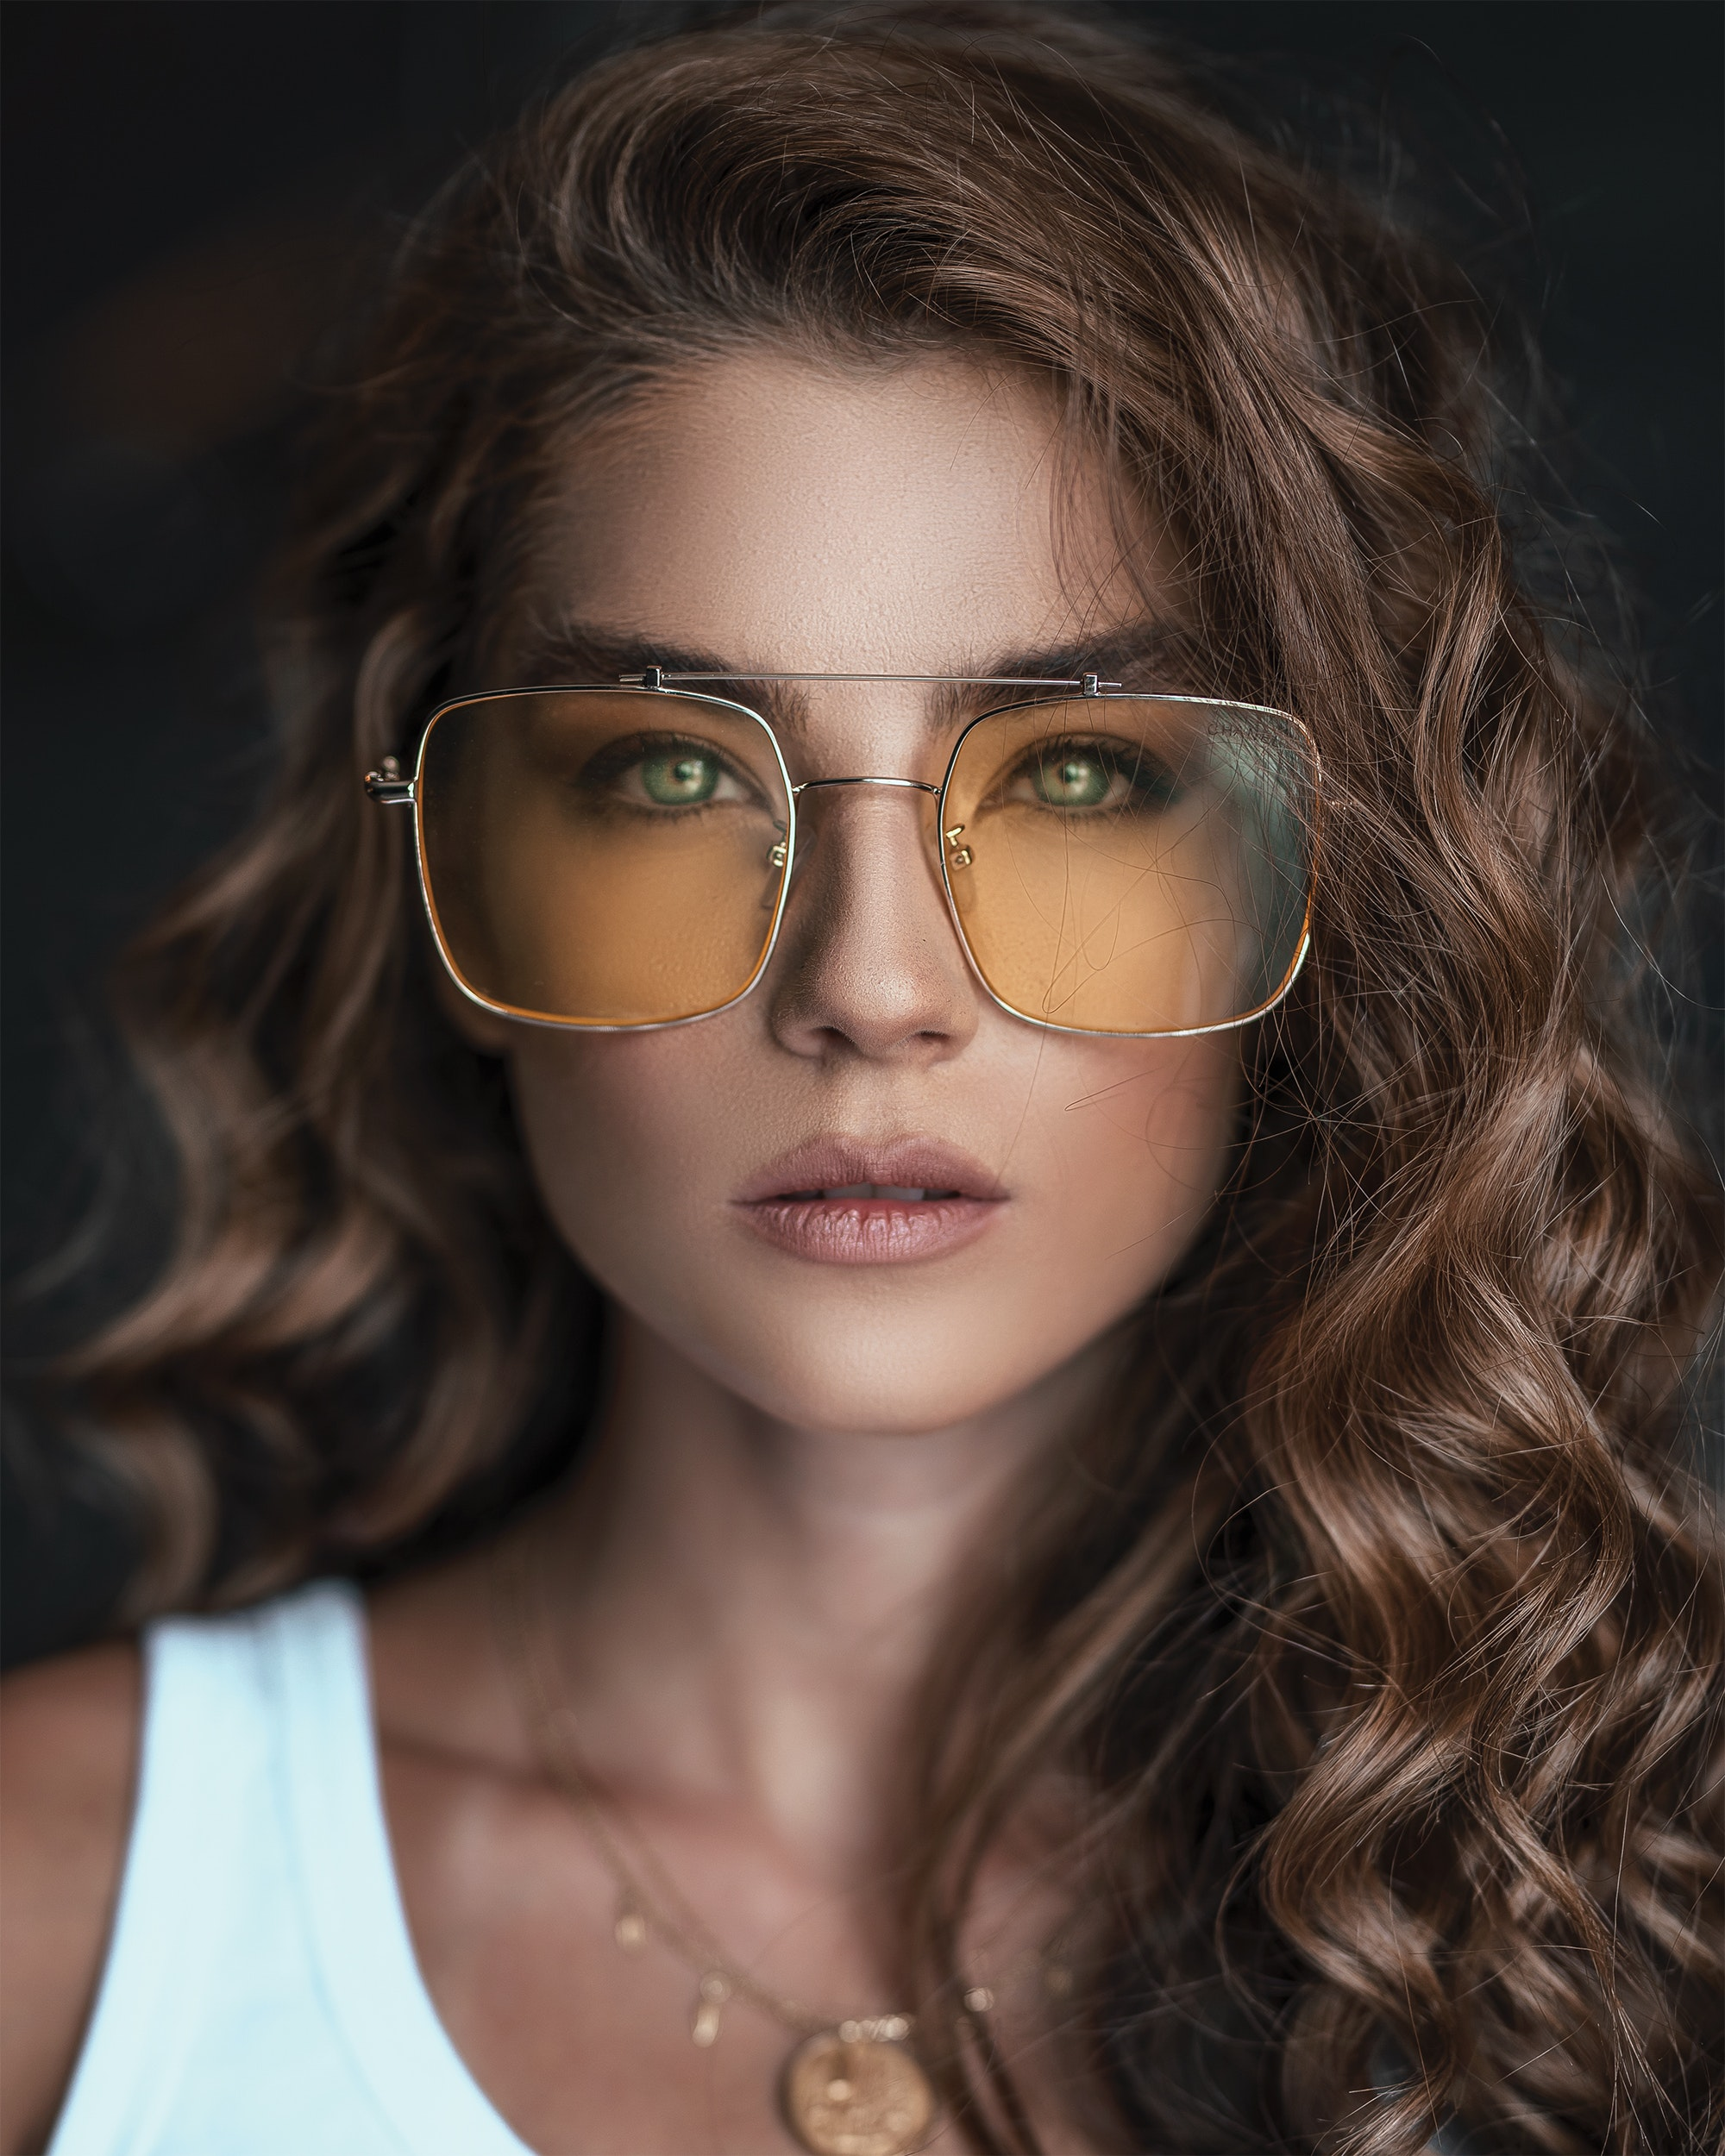 kako odabrati naočale prema obliku lica